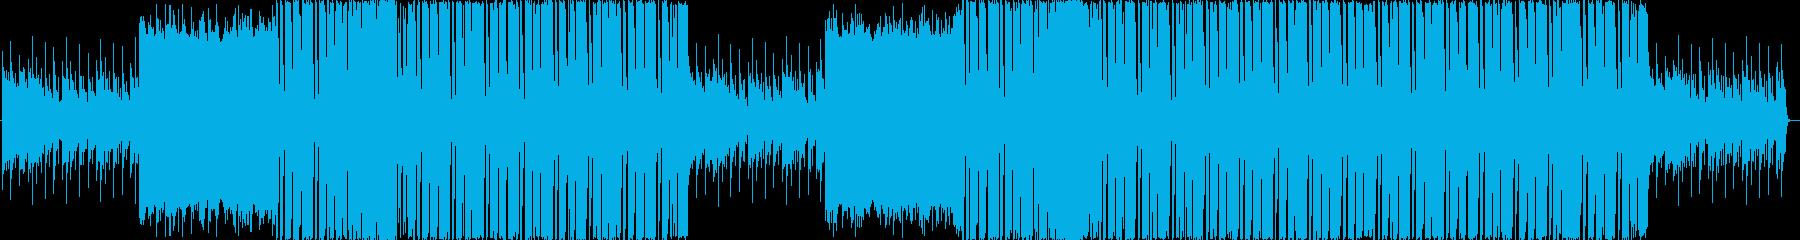 可愛い・楽しい・近未来 EDMの再生済みの波形